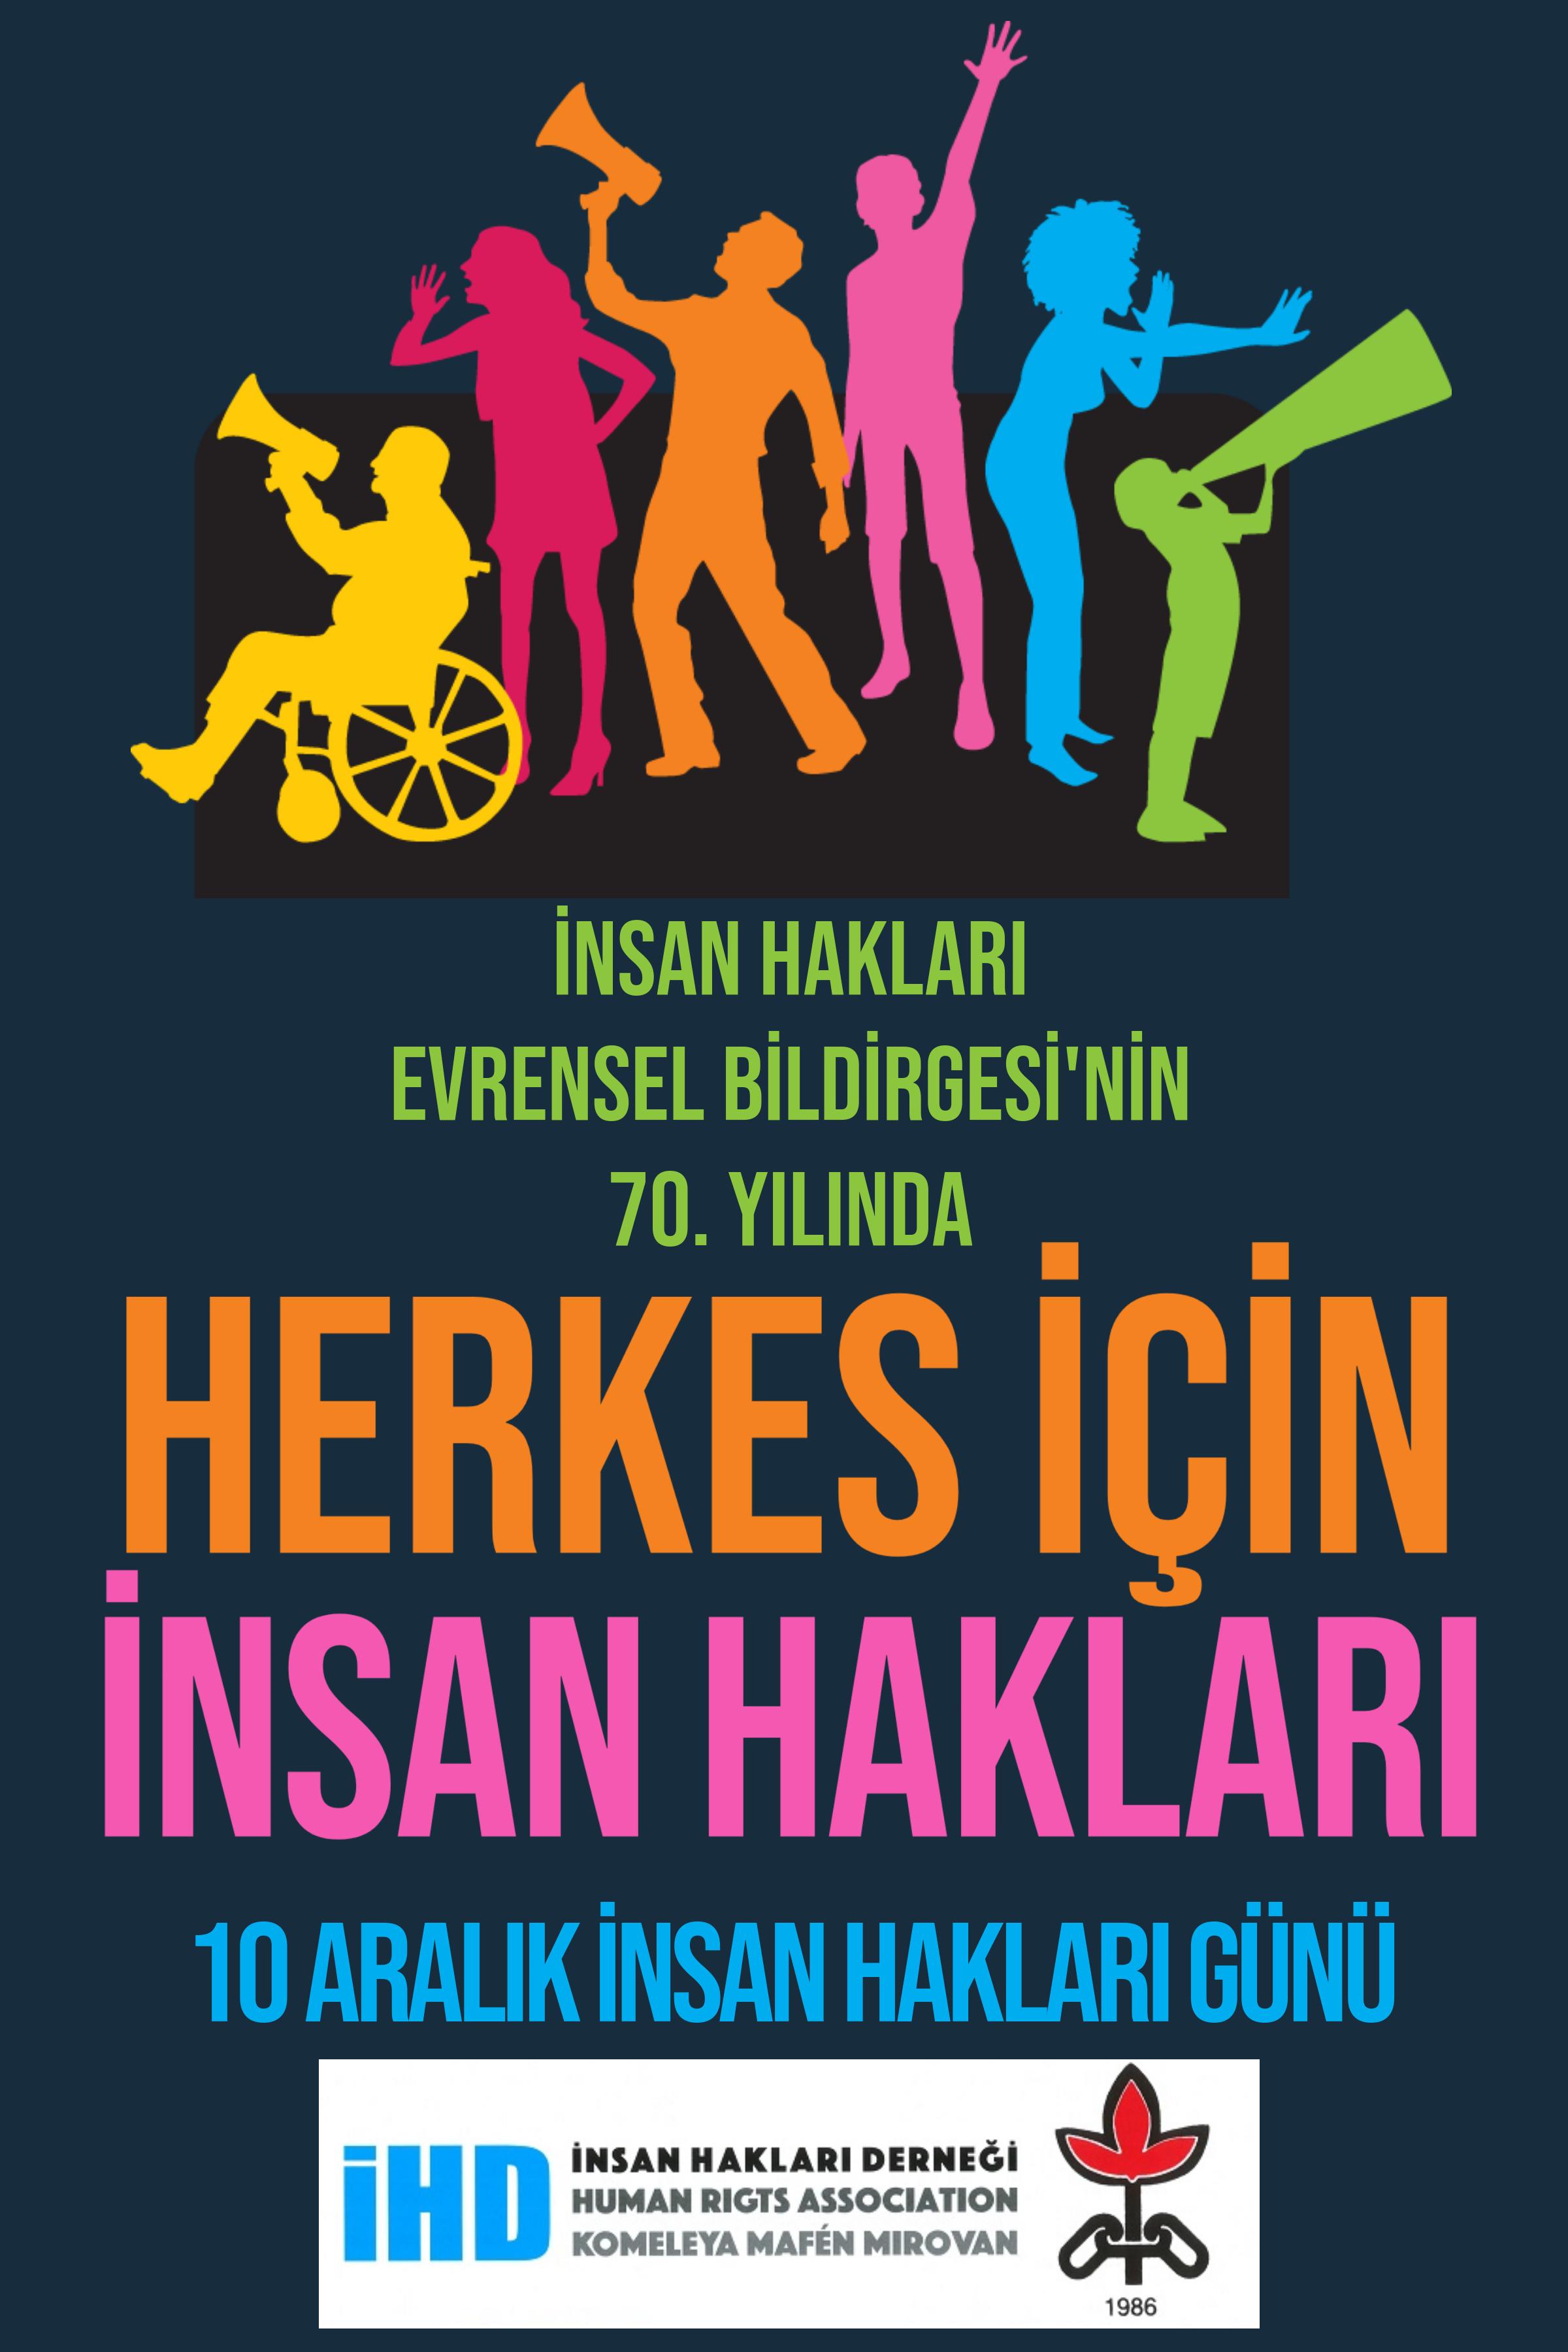 Herkes İçin İnsan Hakları!